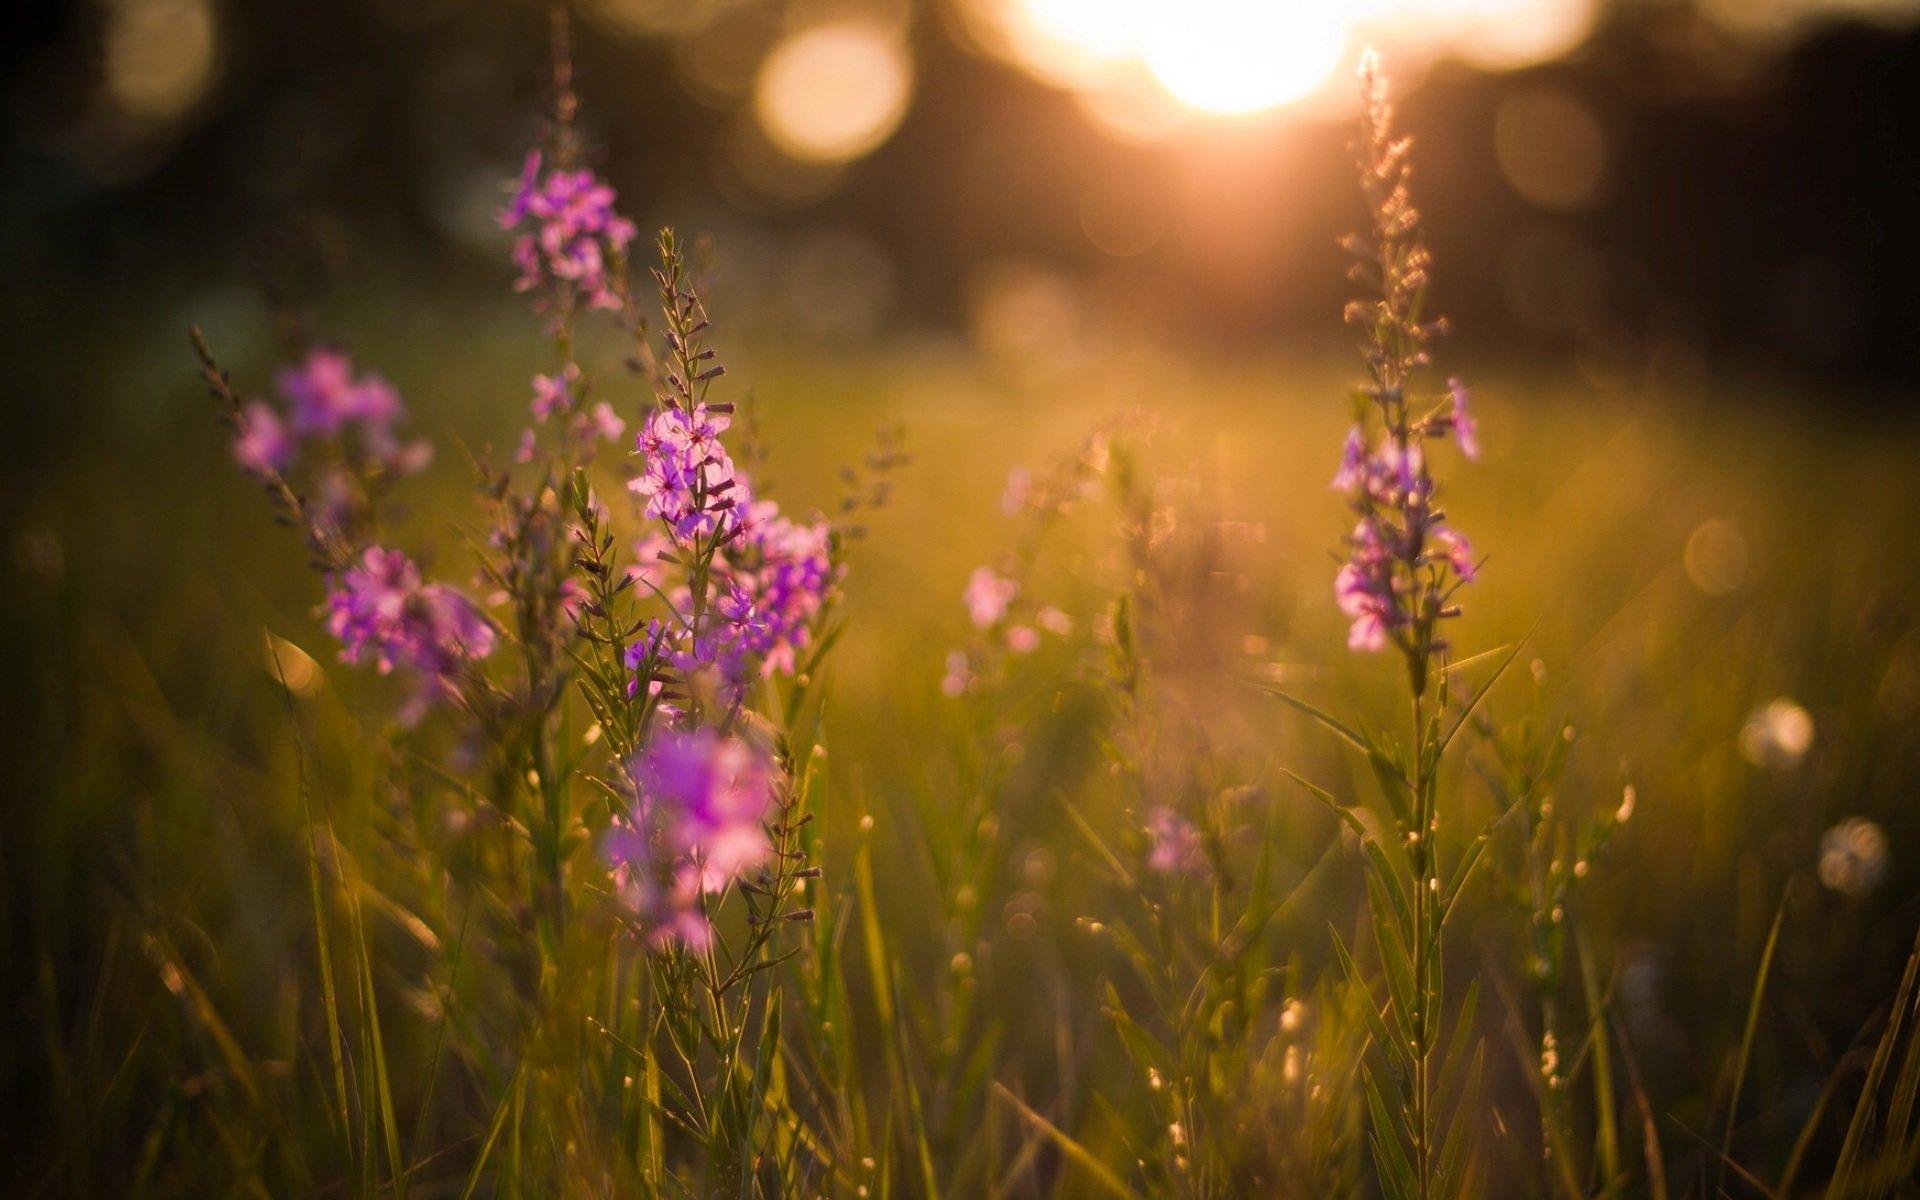 цветы солнце блики  № 1247236 бесплатно